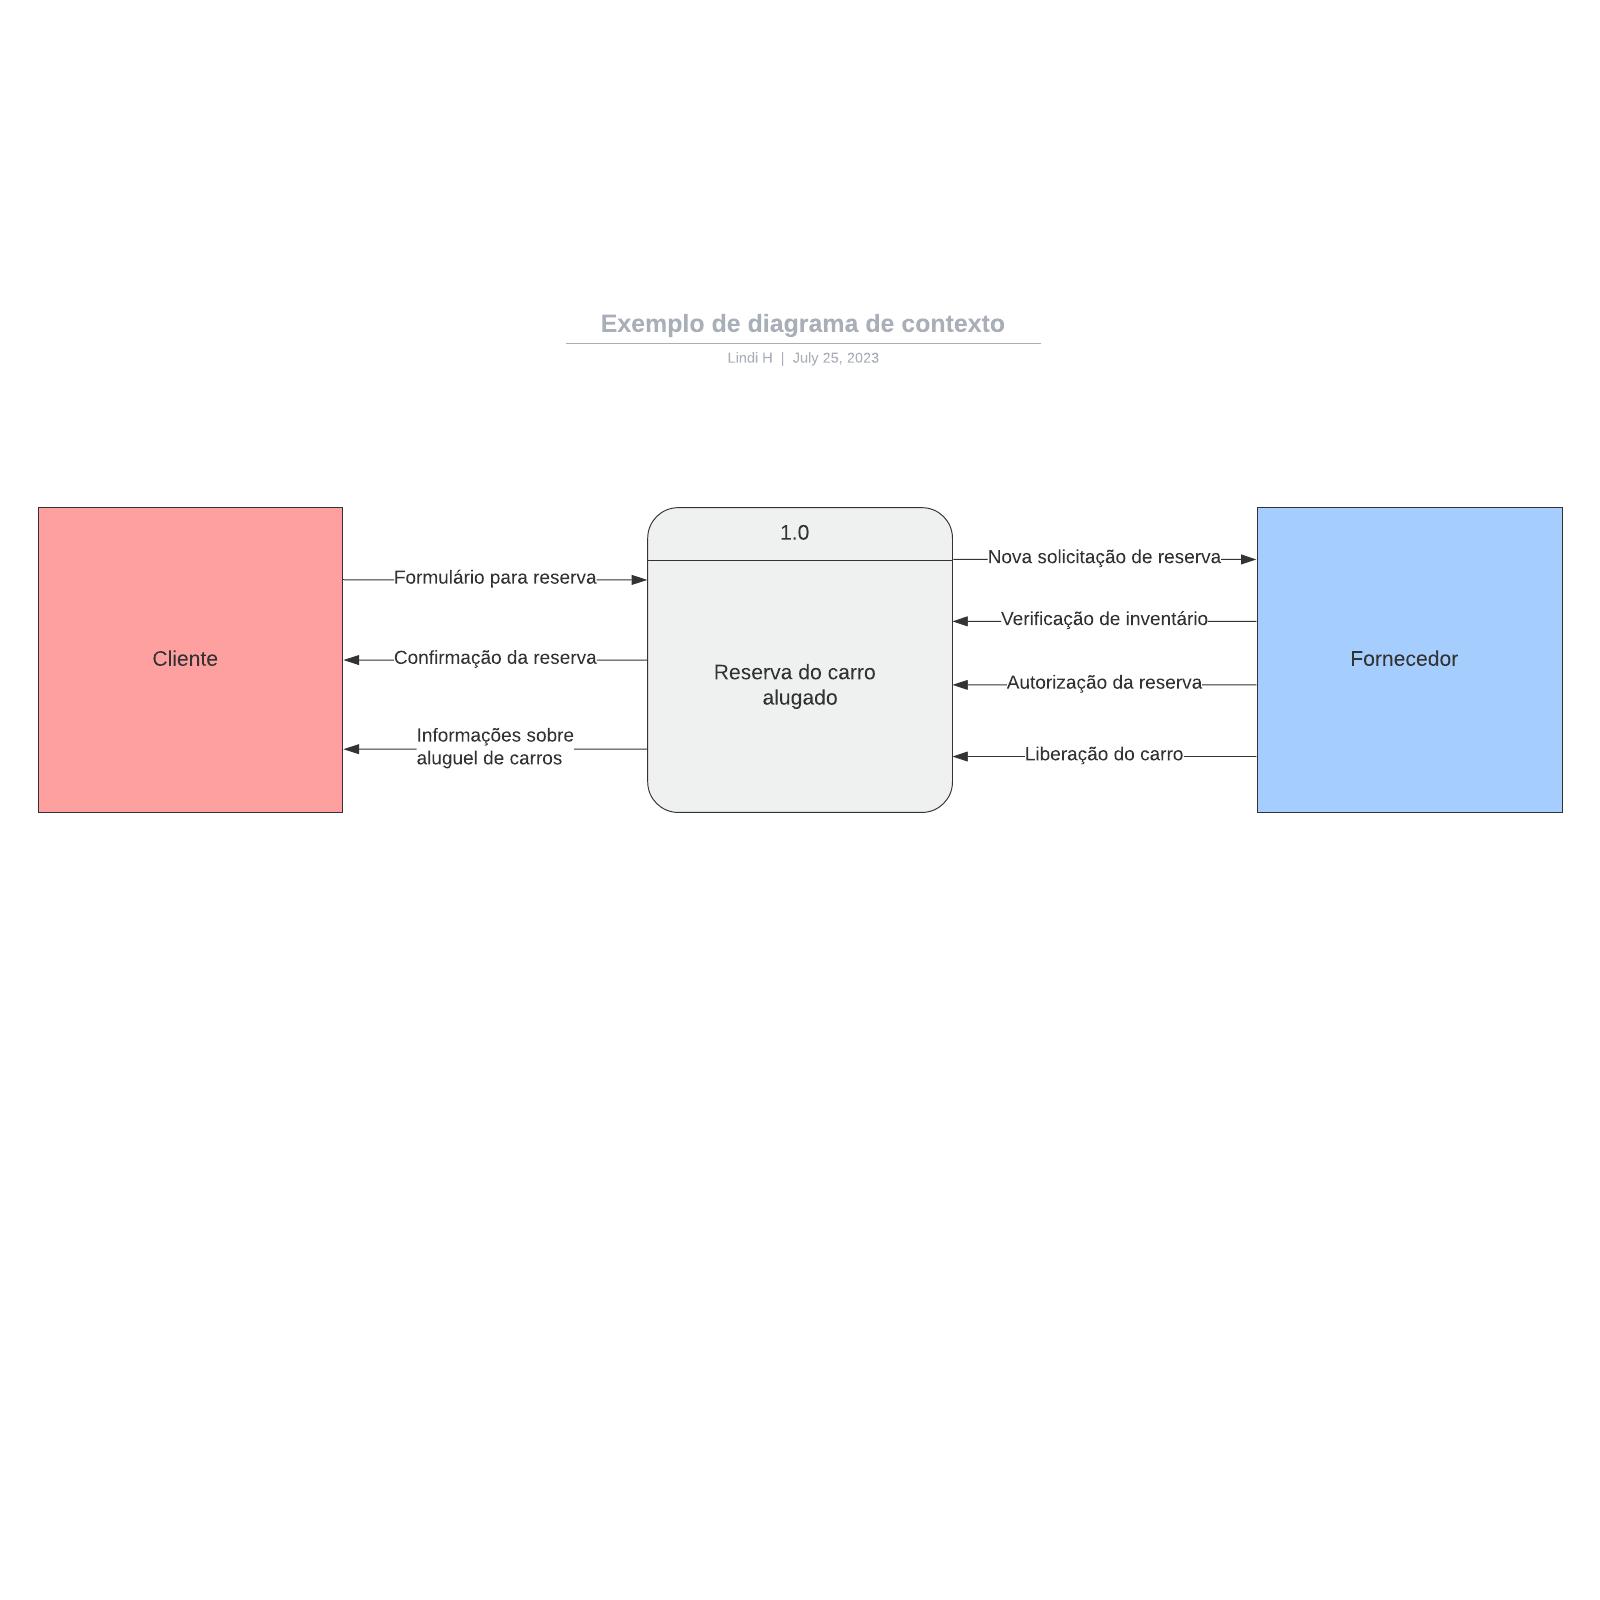 Exemplo de diagrama de contexto